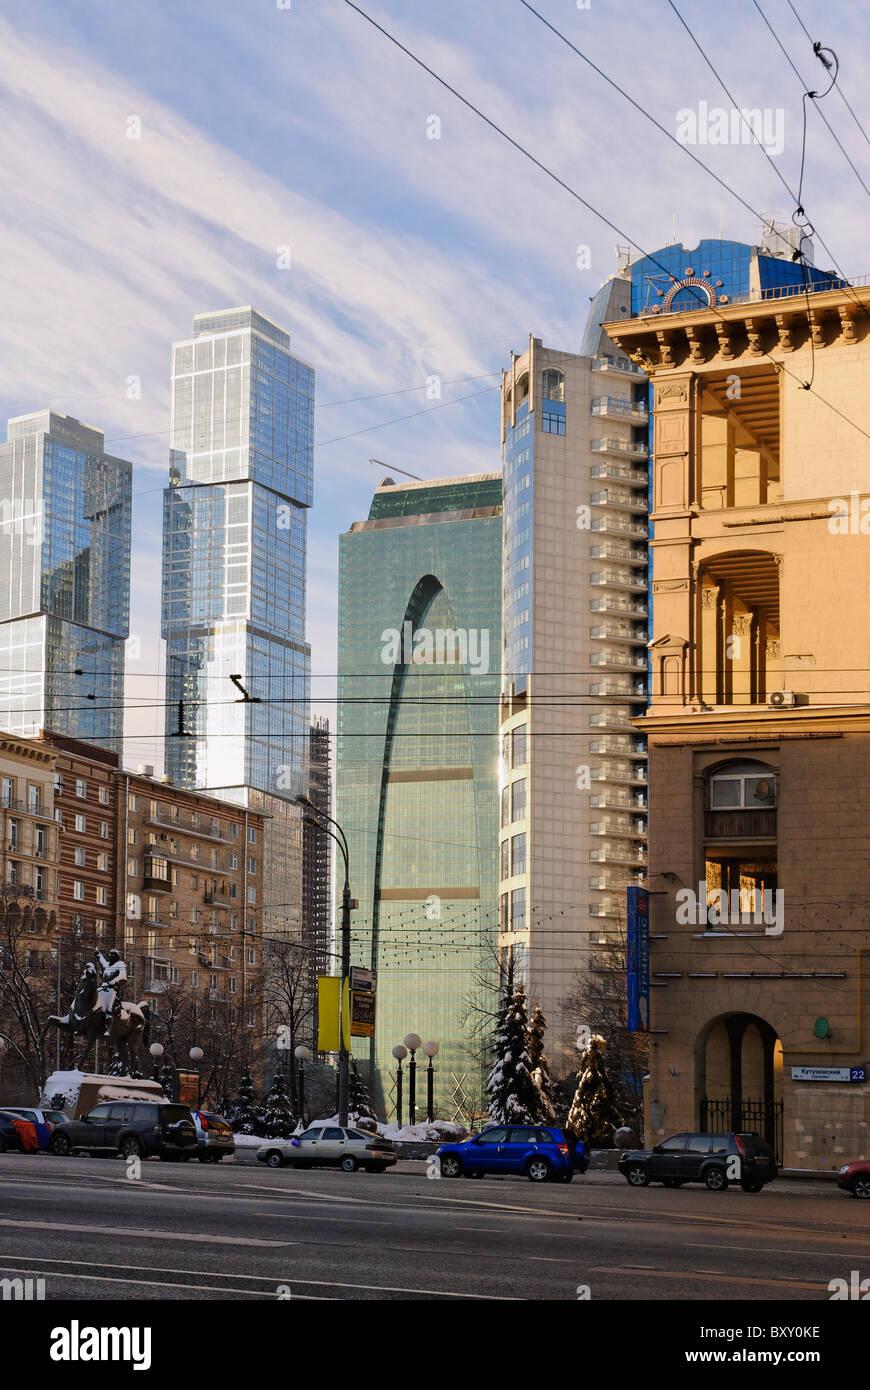 Kutuzovskyi avenue. Moscow, Russia - Stock Image